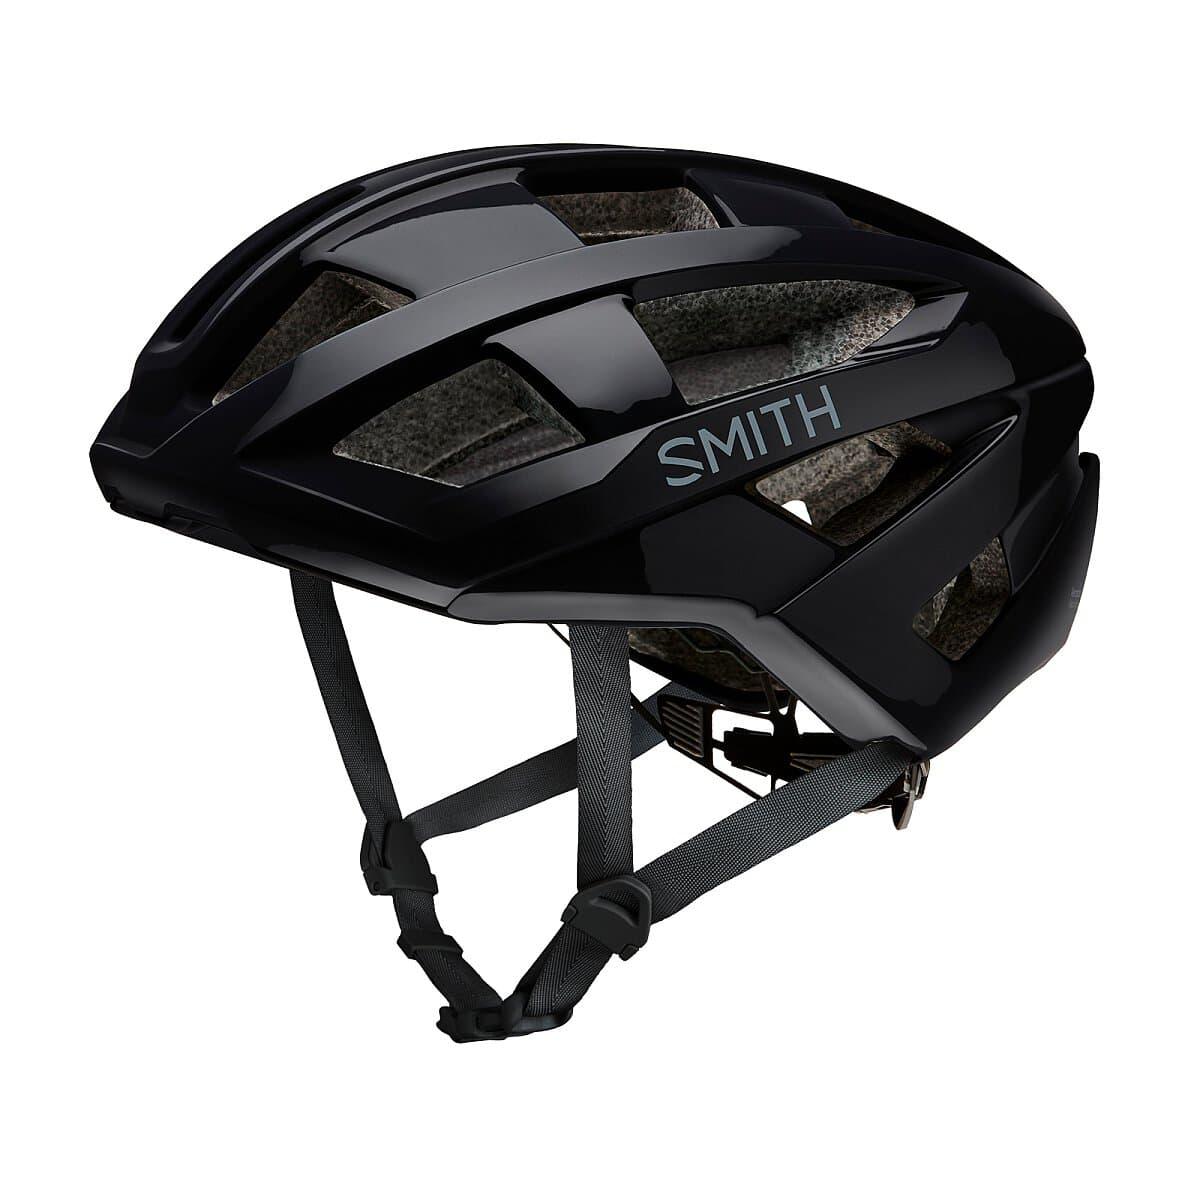 Smith Portal Casco da bicicletta